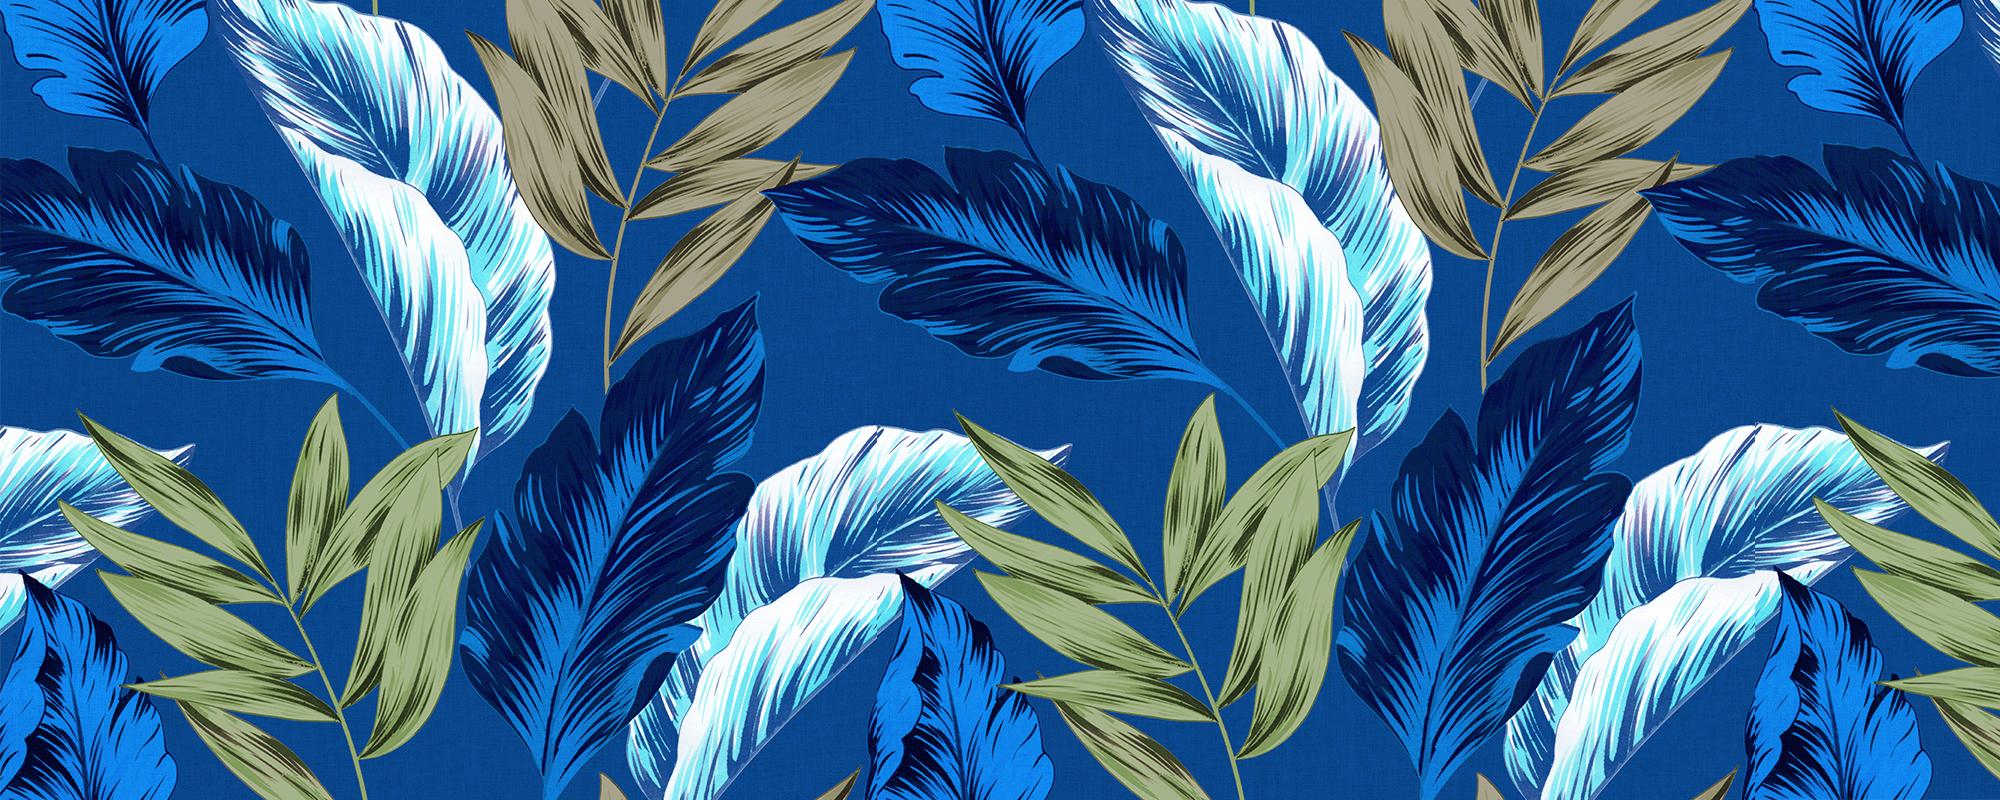 Papier peint feuilles fleur bleues